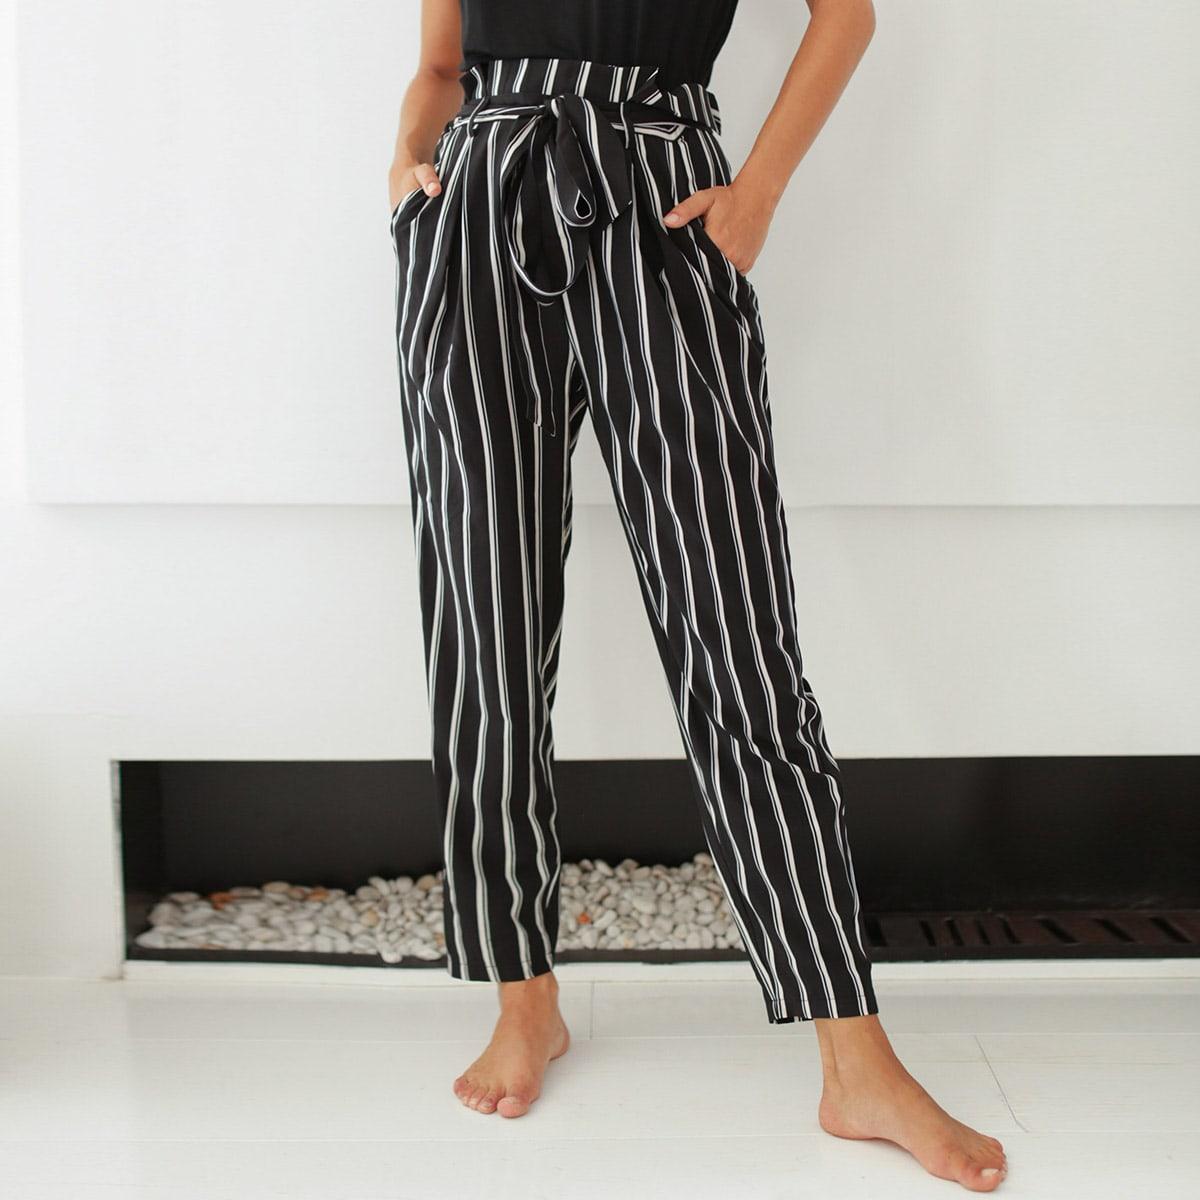 SHEIN / Hose mit Streifen Muster, schrägen Taschen und Gürtel